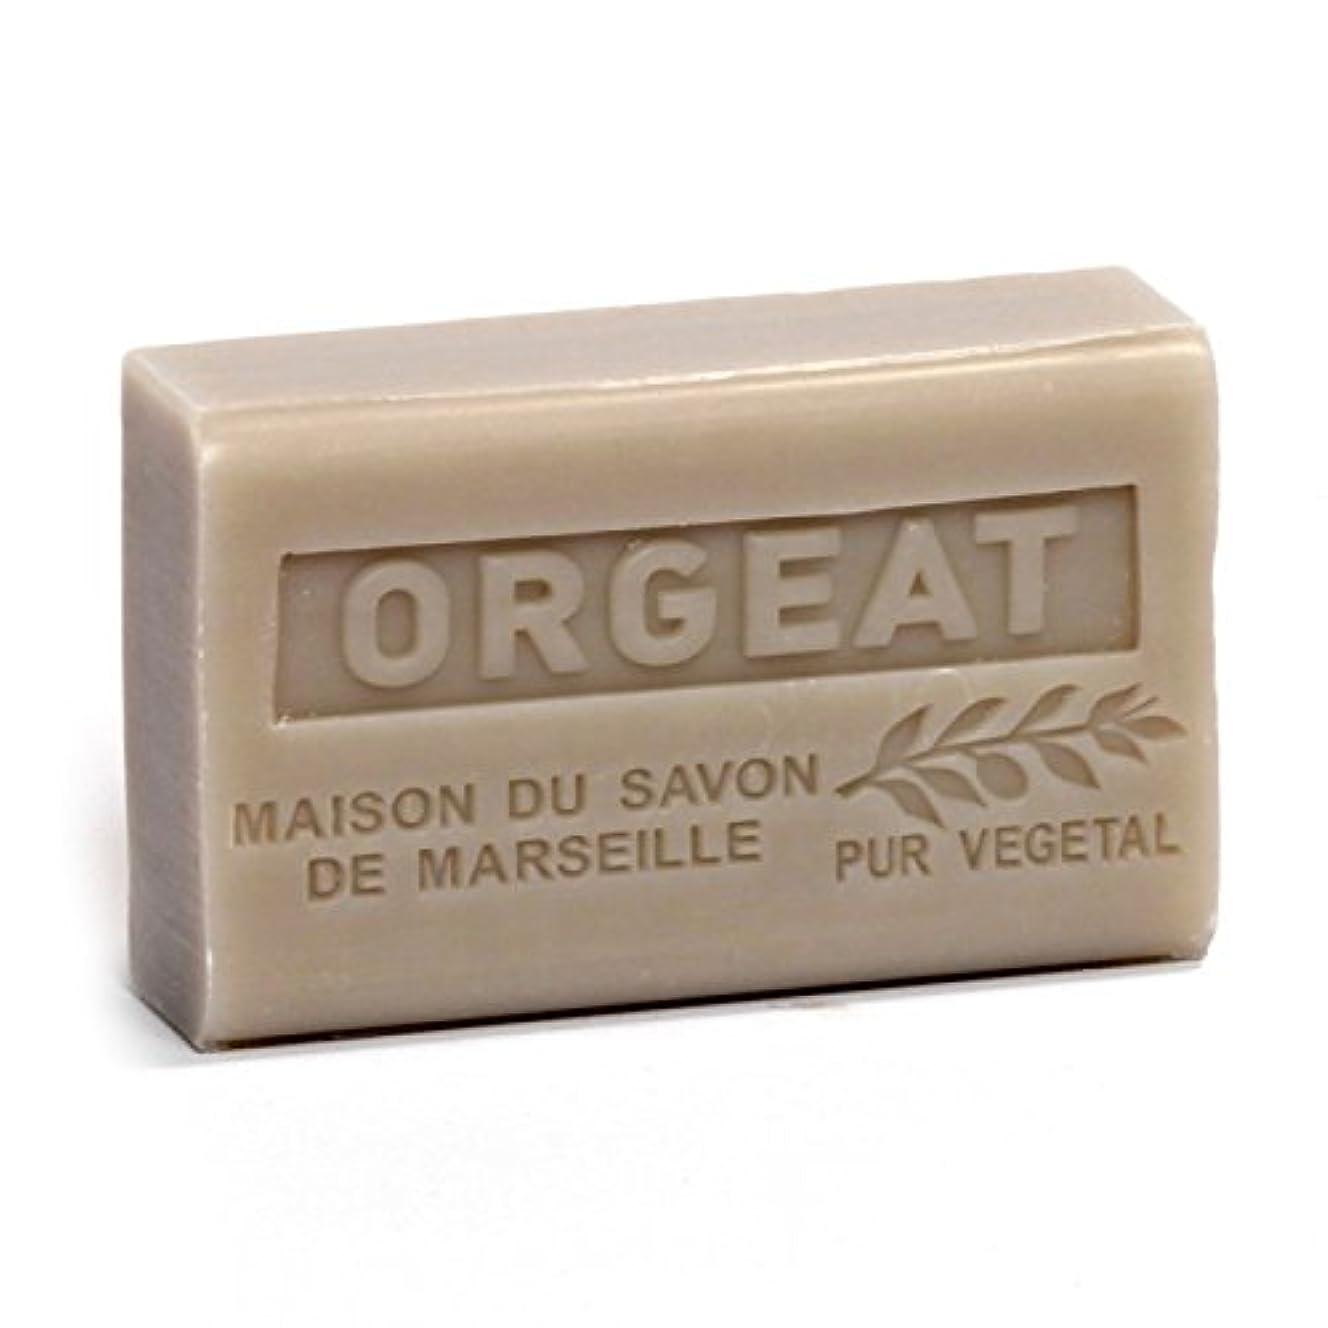 紀元前聡明撃退するSavon de Marseille Soap Orgeat Shea Butter 125g